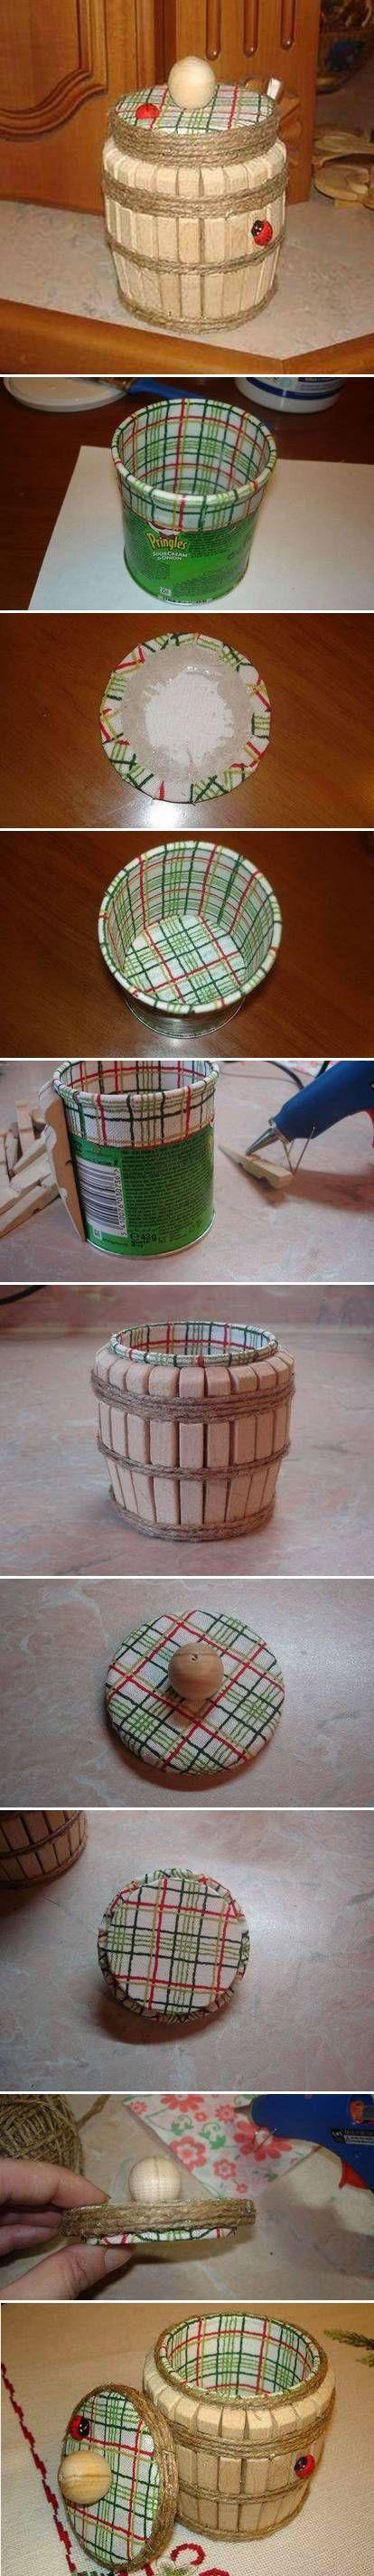 DIY Clothespin Barrel